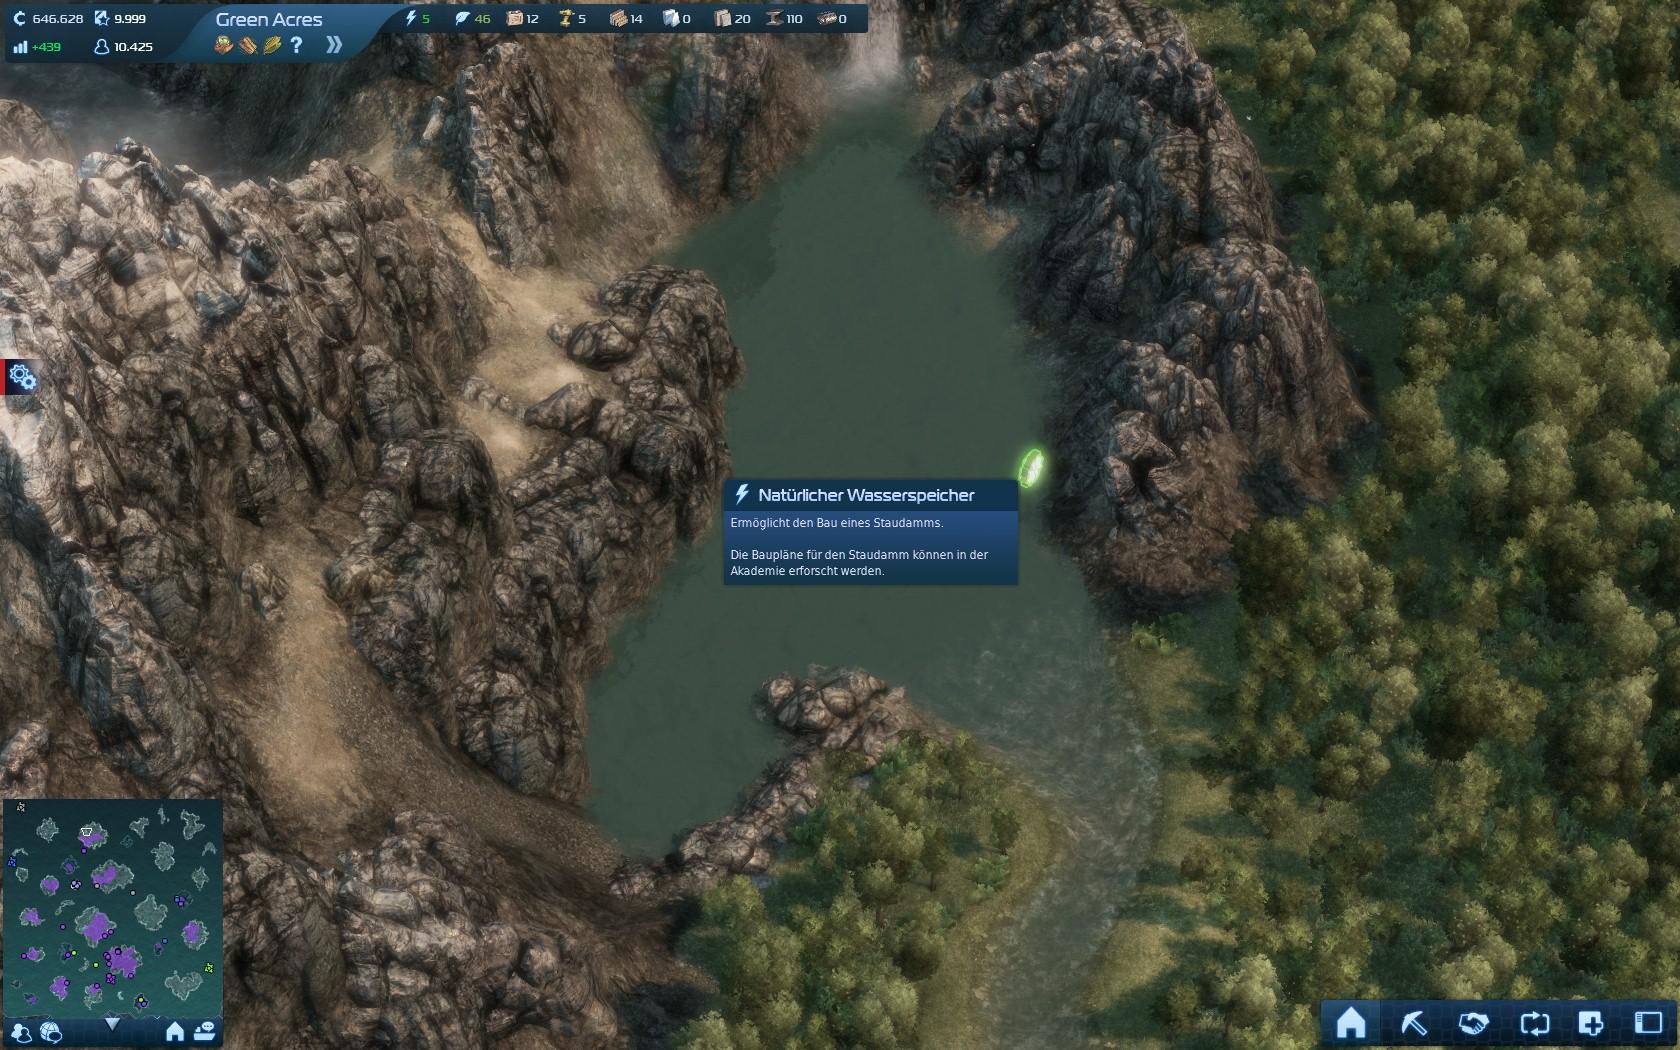 Wasser Halt ! – Hydroelektrisches Kraftwerk in Anno 2070